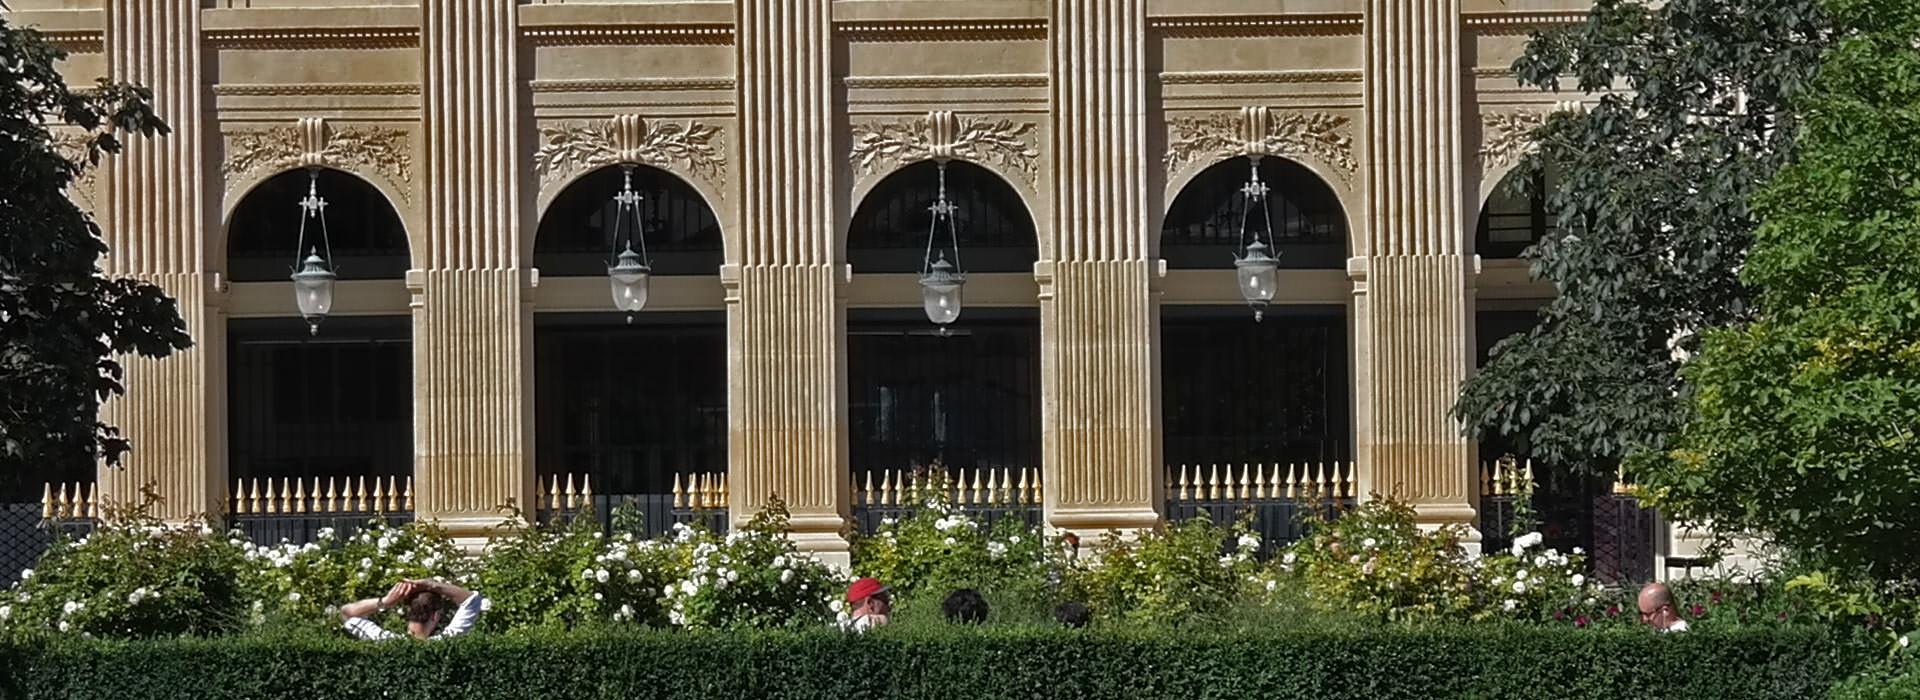 Le Palais-Royal et ses galeries